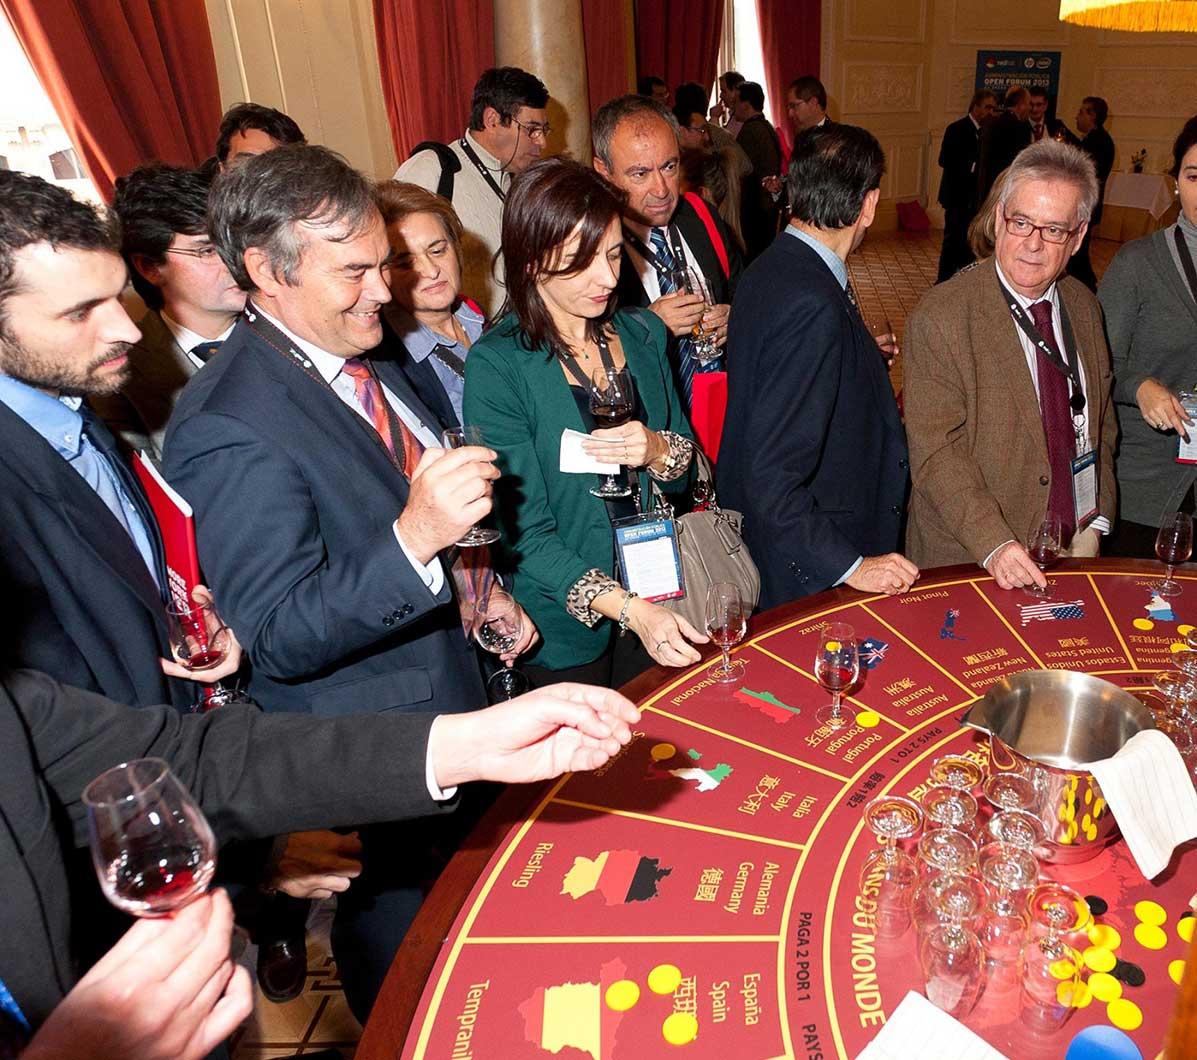 Casino interactivo y degustaciones del mundo 3